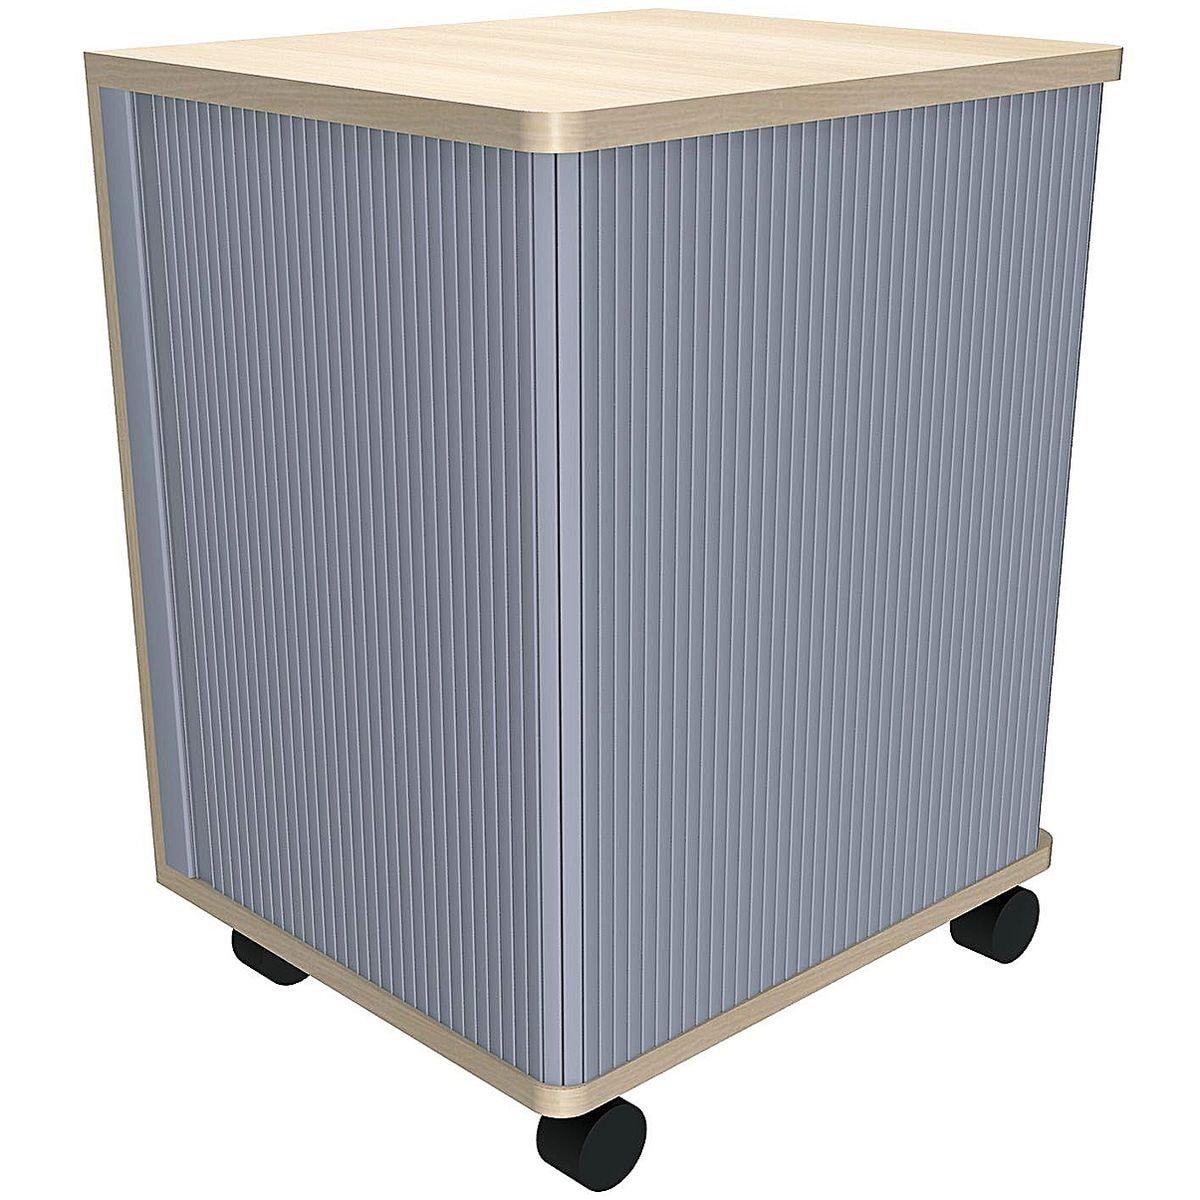 fm b rom bel stauraumwagen oldenburg links ffnend bei otto office g nstig kaufen. Black Bedroom Furniture Sets. Home Design Ideas